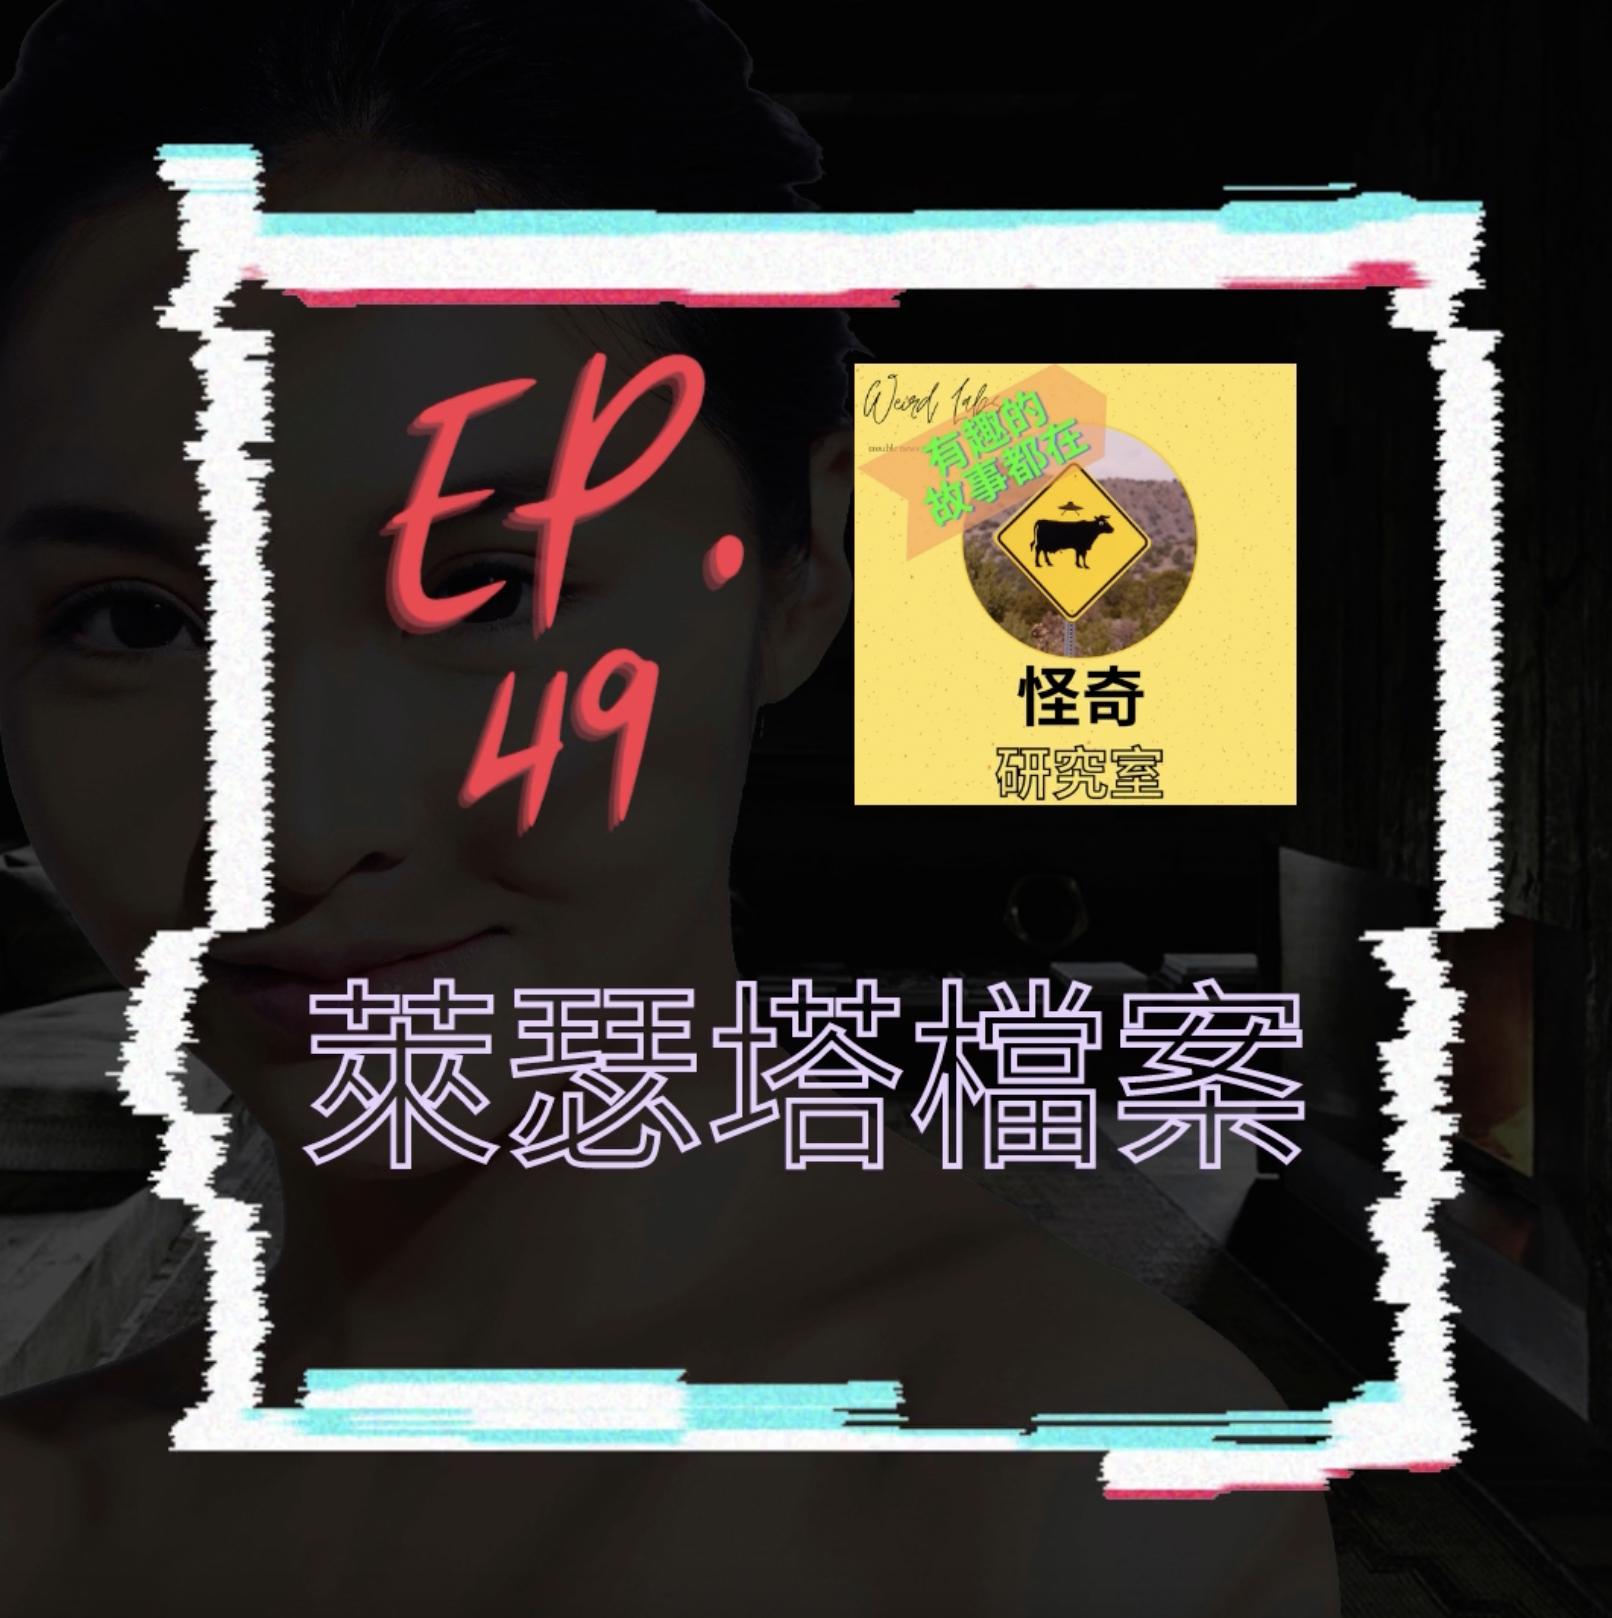 【萊瑟塔檔案3部曲之一】真相只有一個,但是你能相信這份來自地底爬蟲人所訴說的故事嗎?- 這是「EP49」